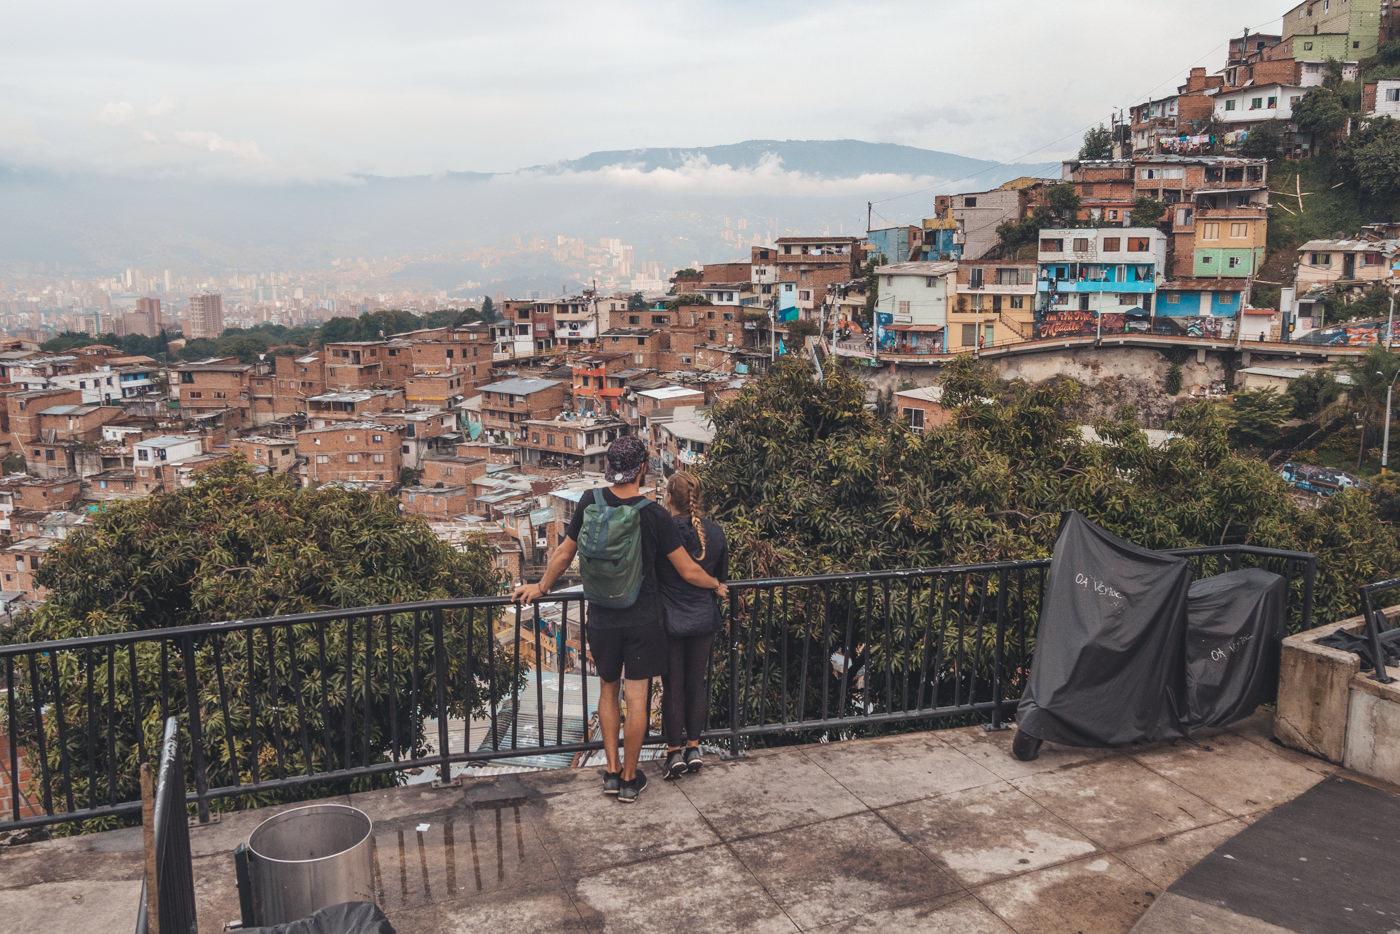 Wir in der Comuna 13 in Medellín